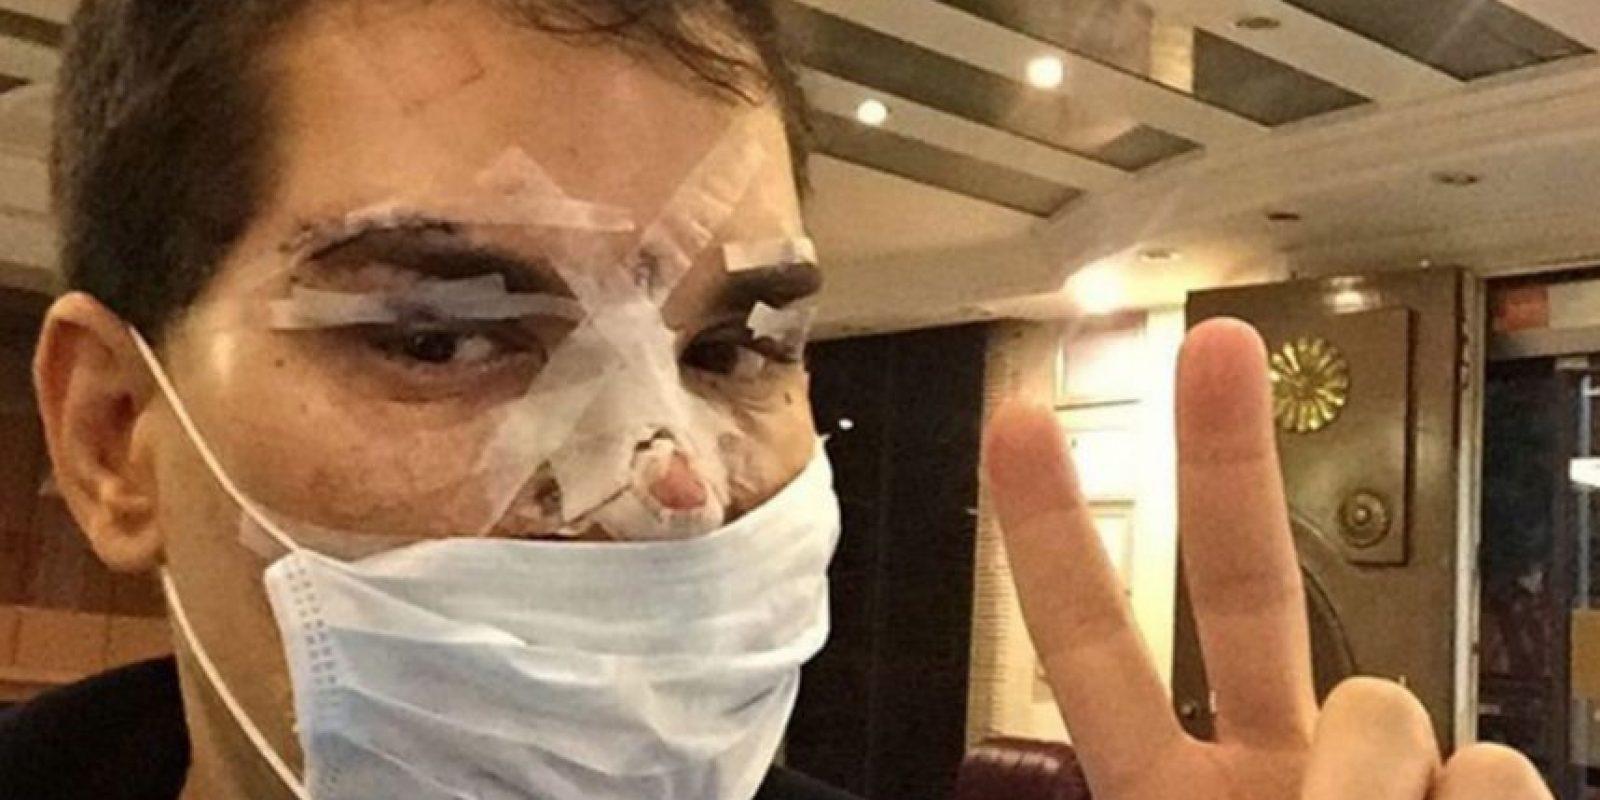 Así quedó Alves cuando casi se le pudre la cara. Cerró su Instagram hasta no recuperarse. Foto:Instagram